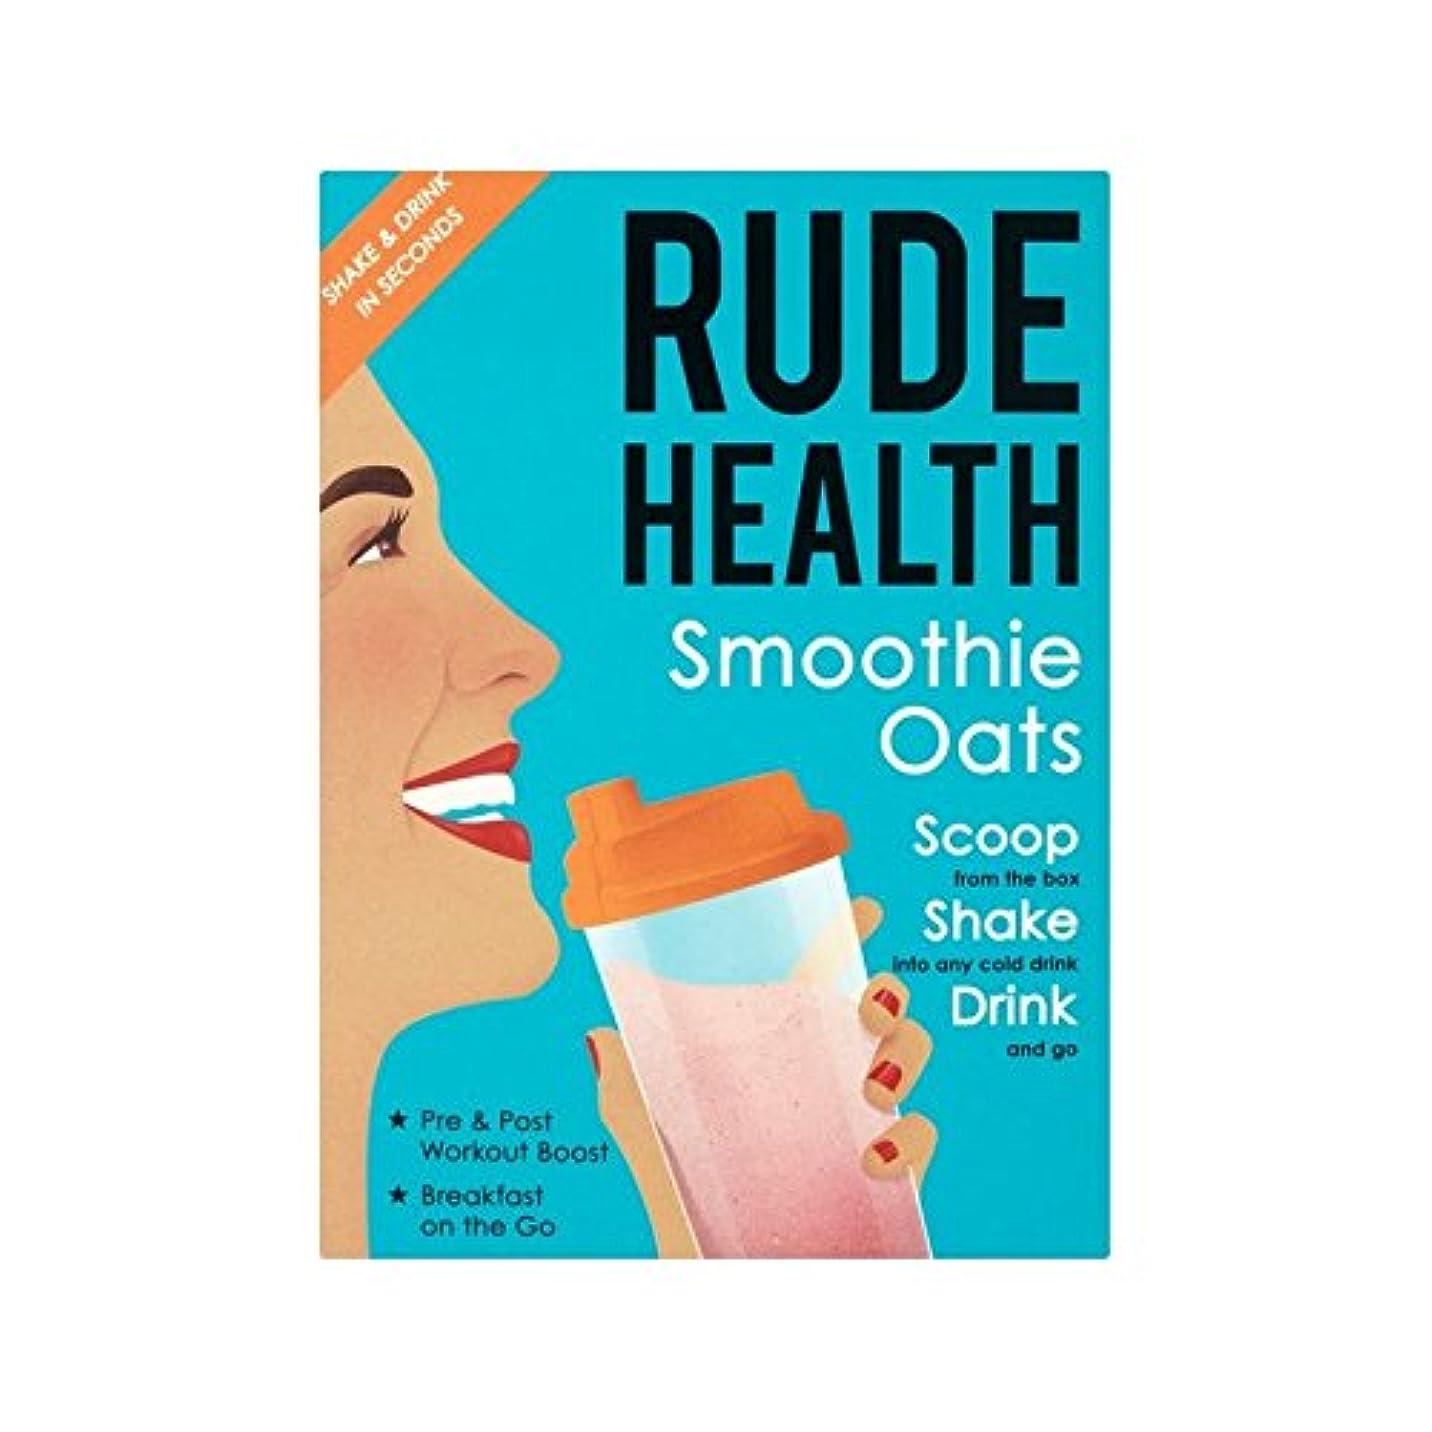 ショルダー一時停止例示するスムージーオート麦250グラム (Rude Health) (x 6) - Rude Health Smoothie Oats 250g (Pack of 6) [並行輸入品]